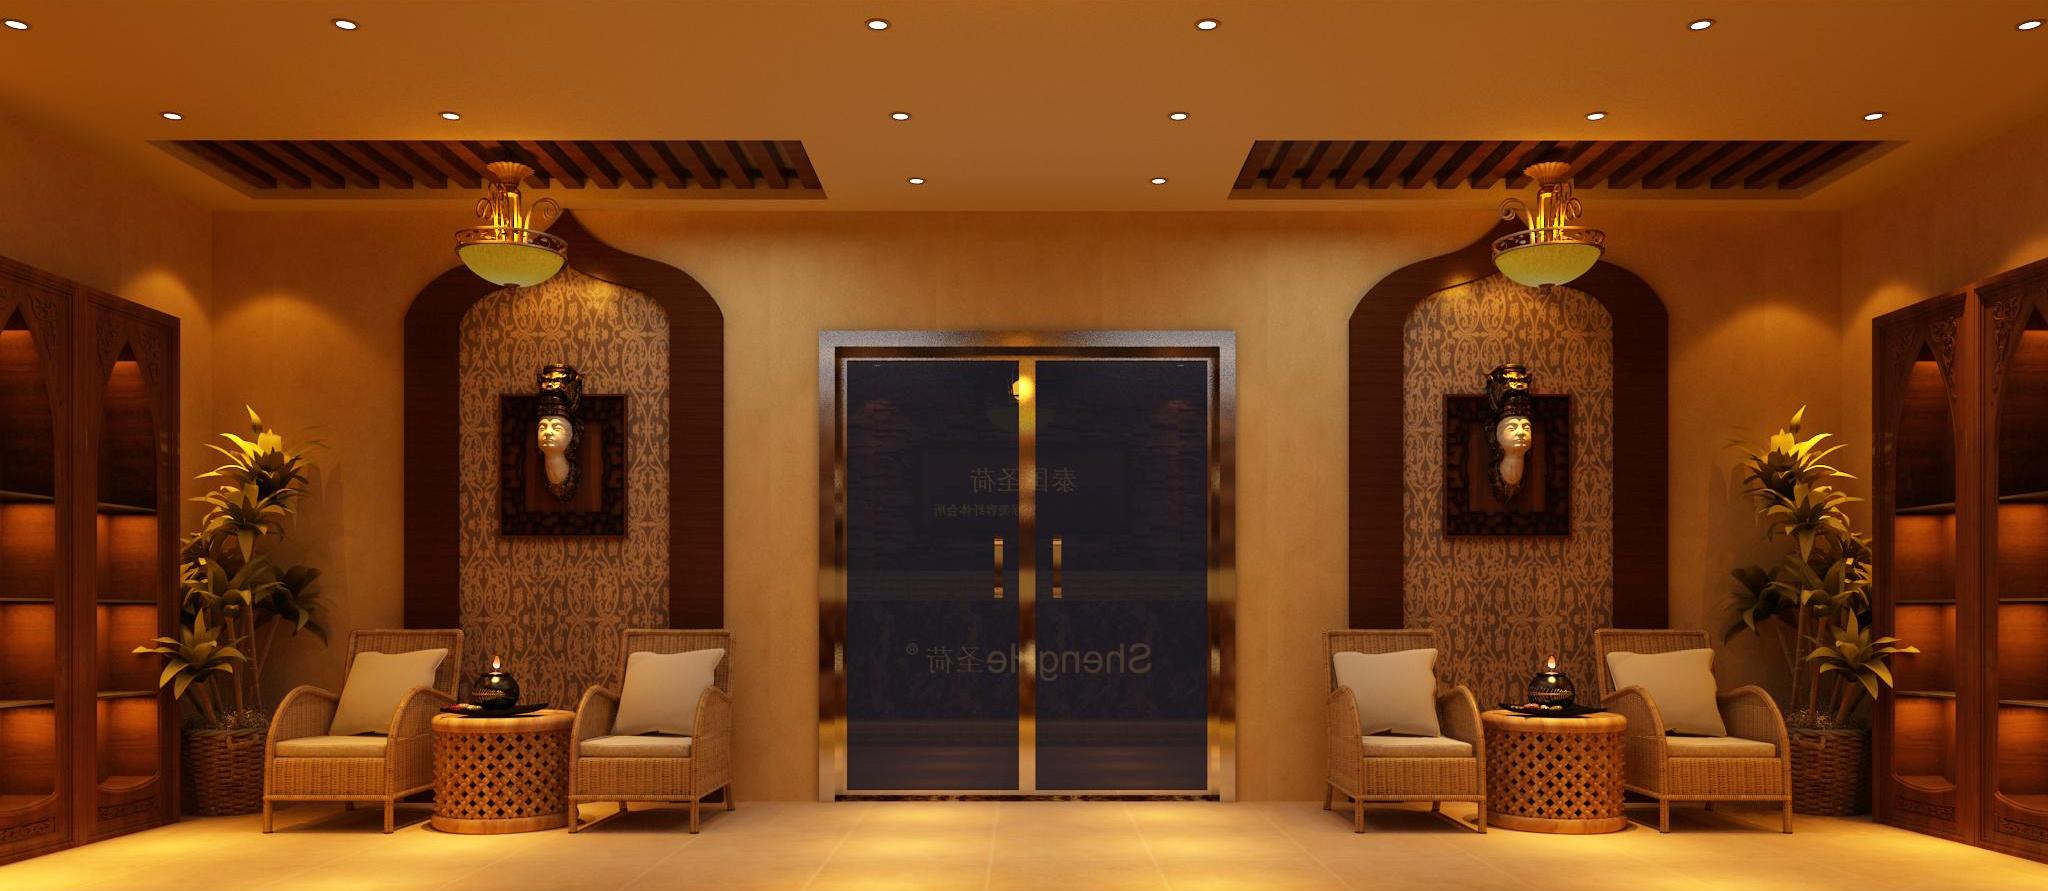 广州圣荷美容院manbetx手机登录设计案例天河北路店